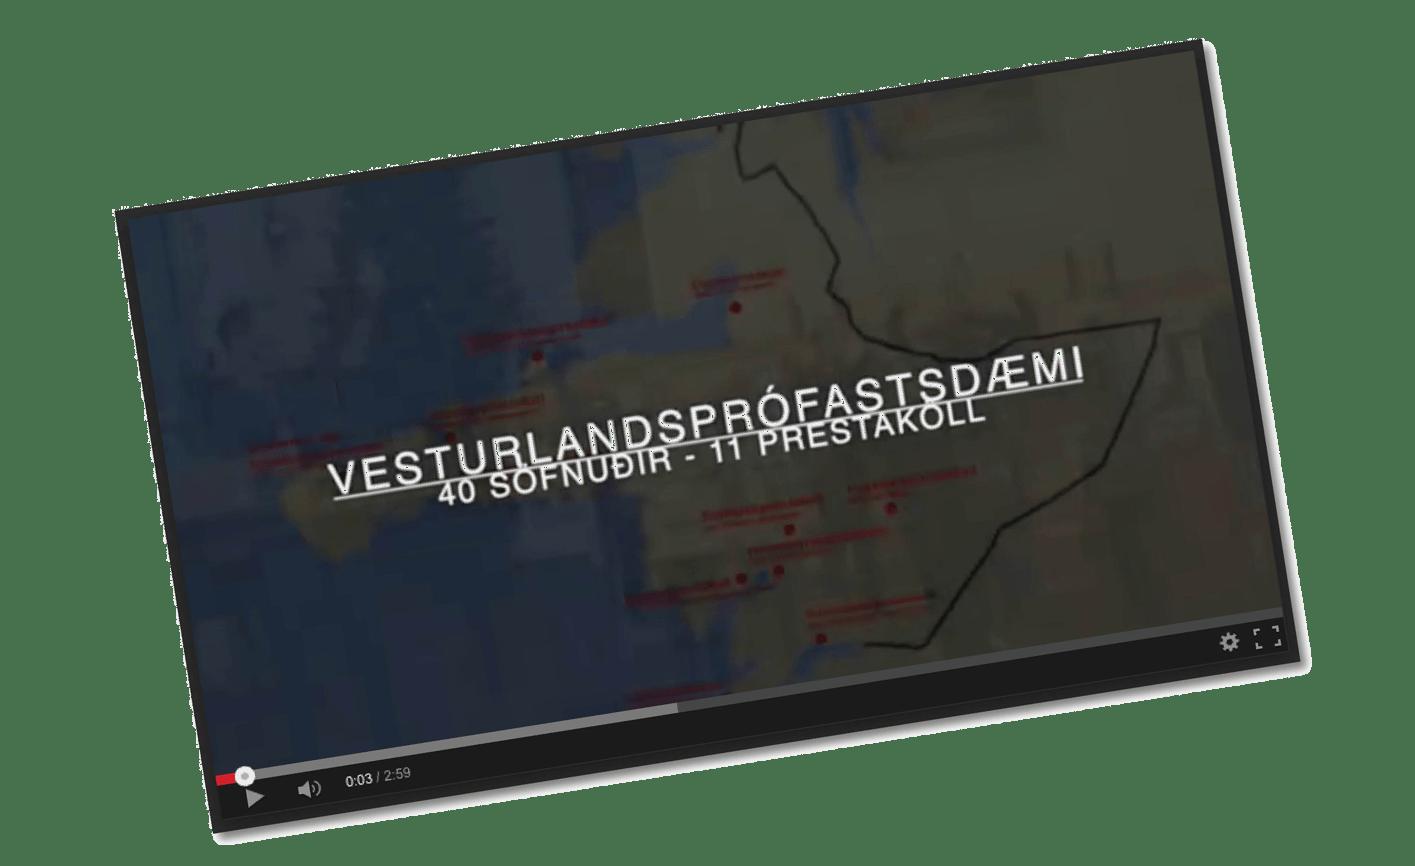 vesturlandsprofd